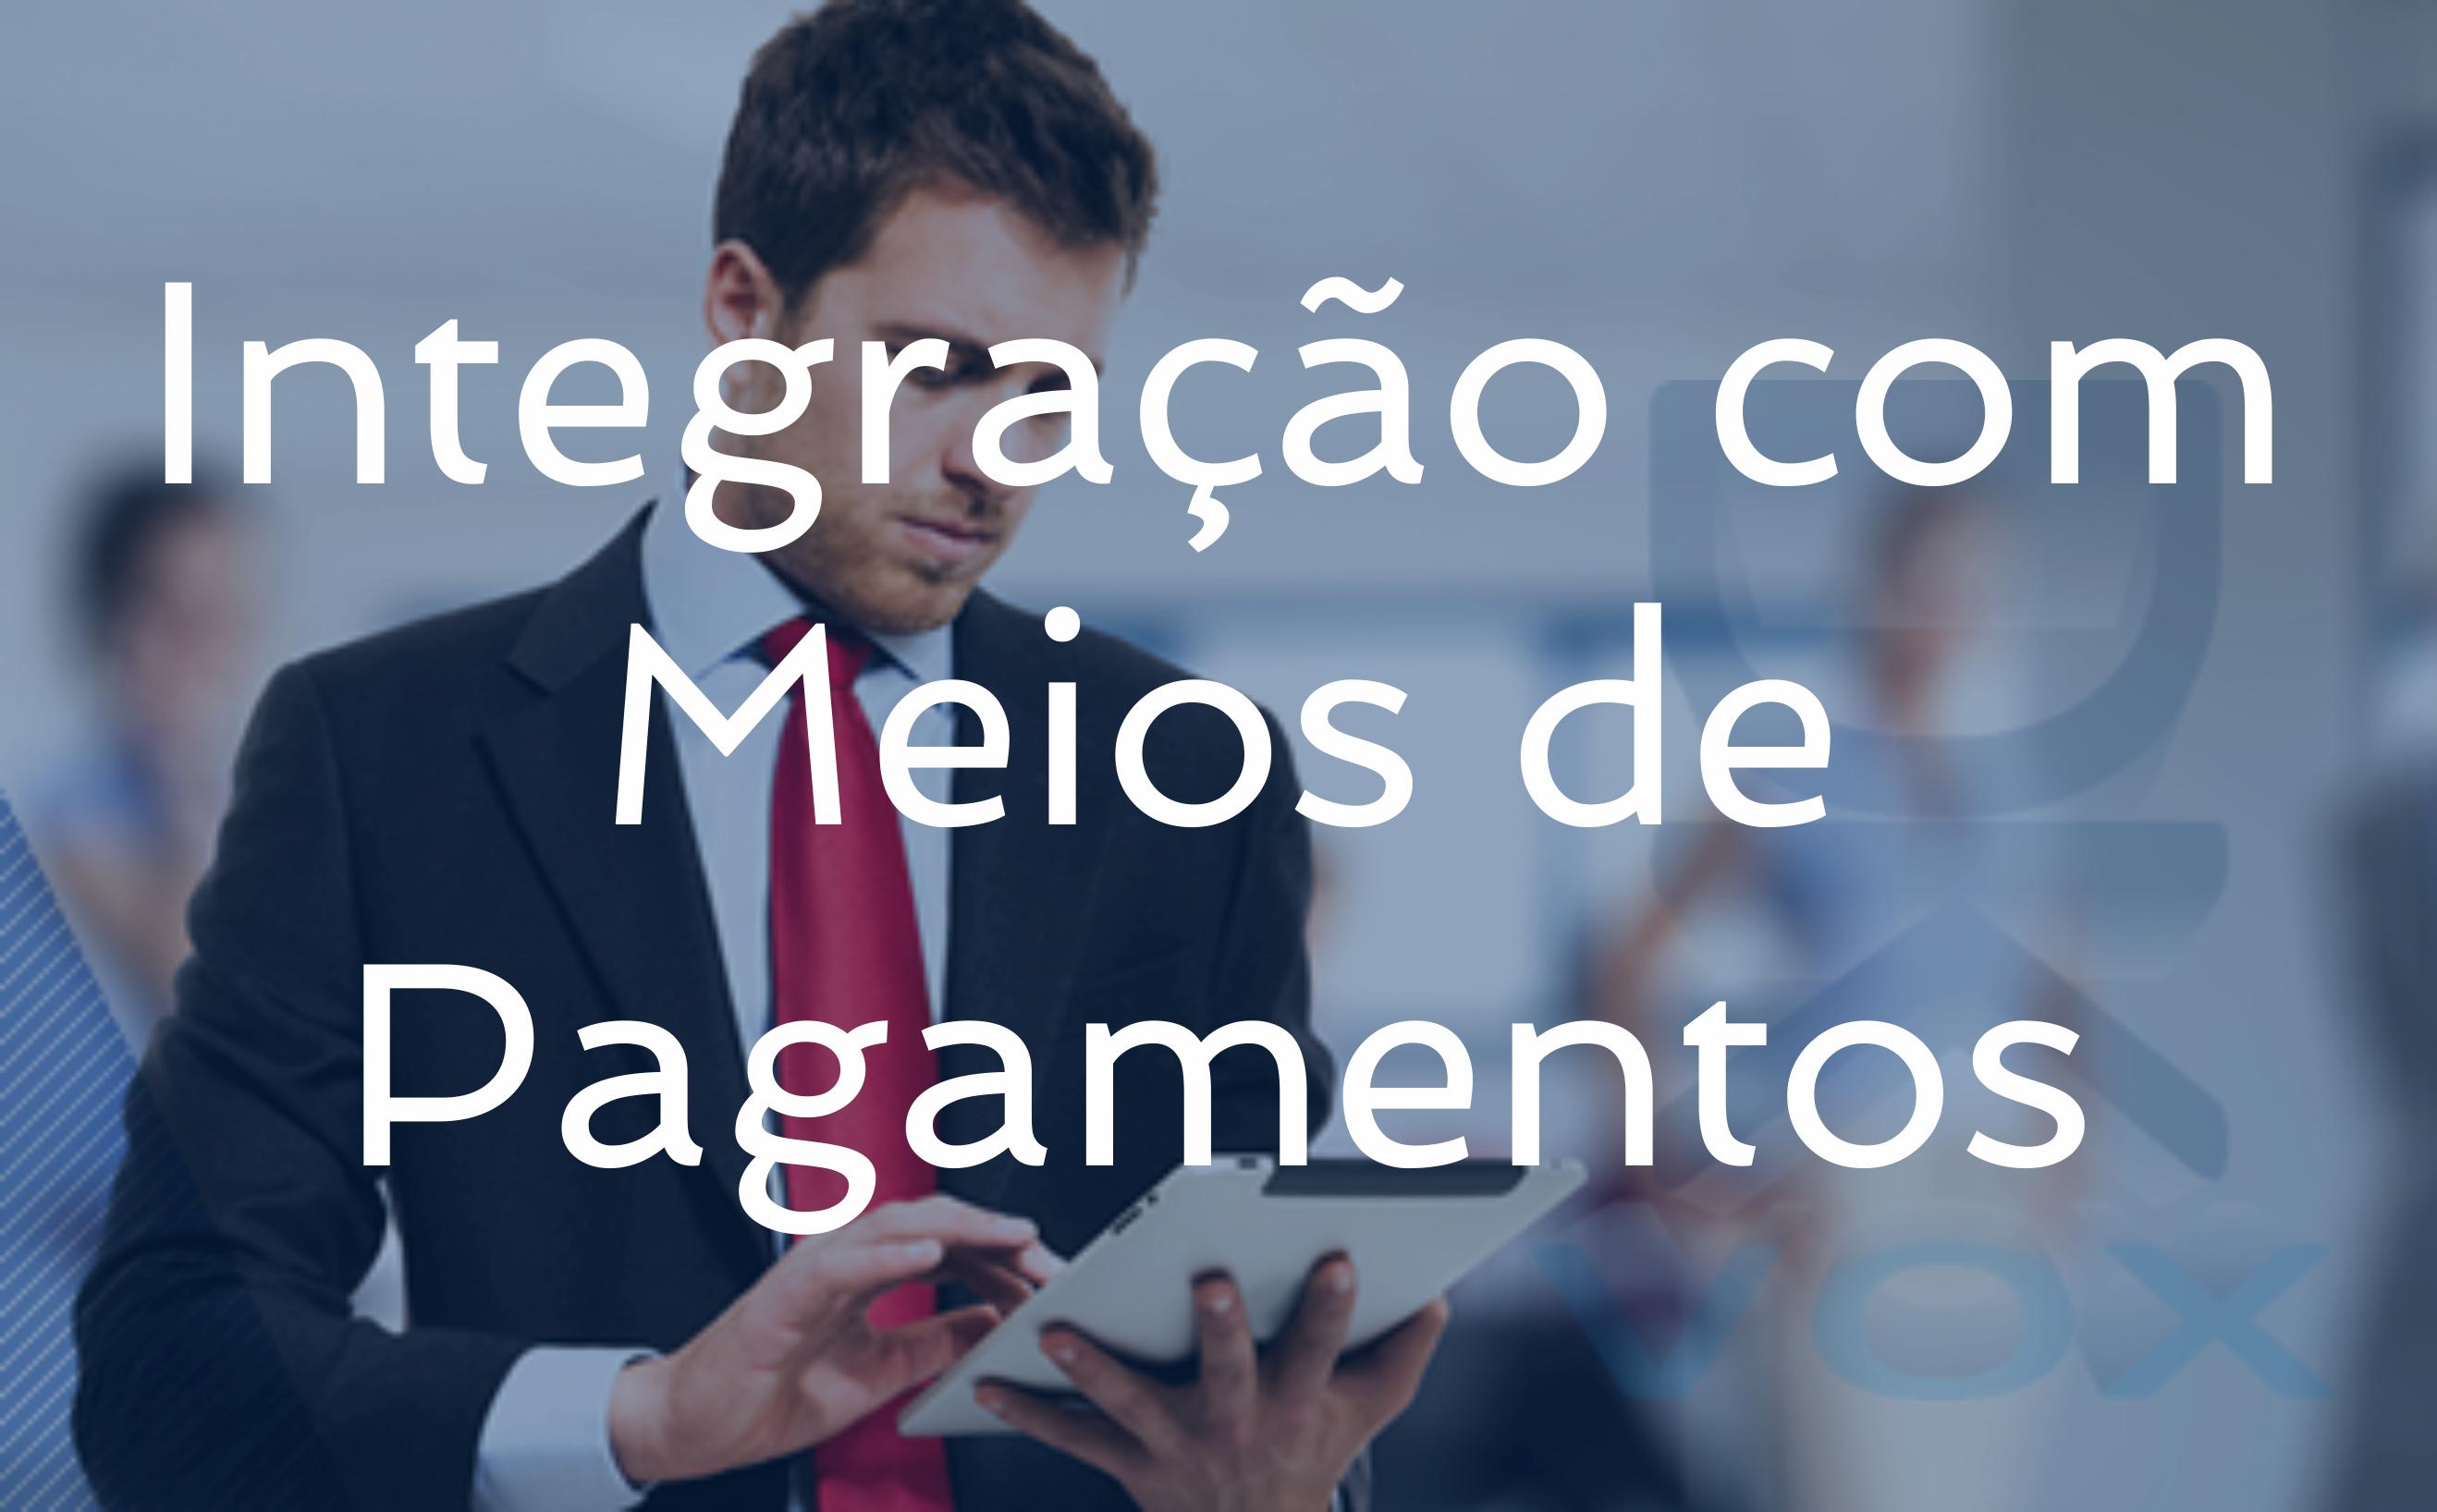 7._Integração_com_Meios_de_Pagamentos